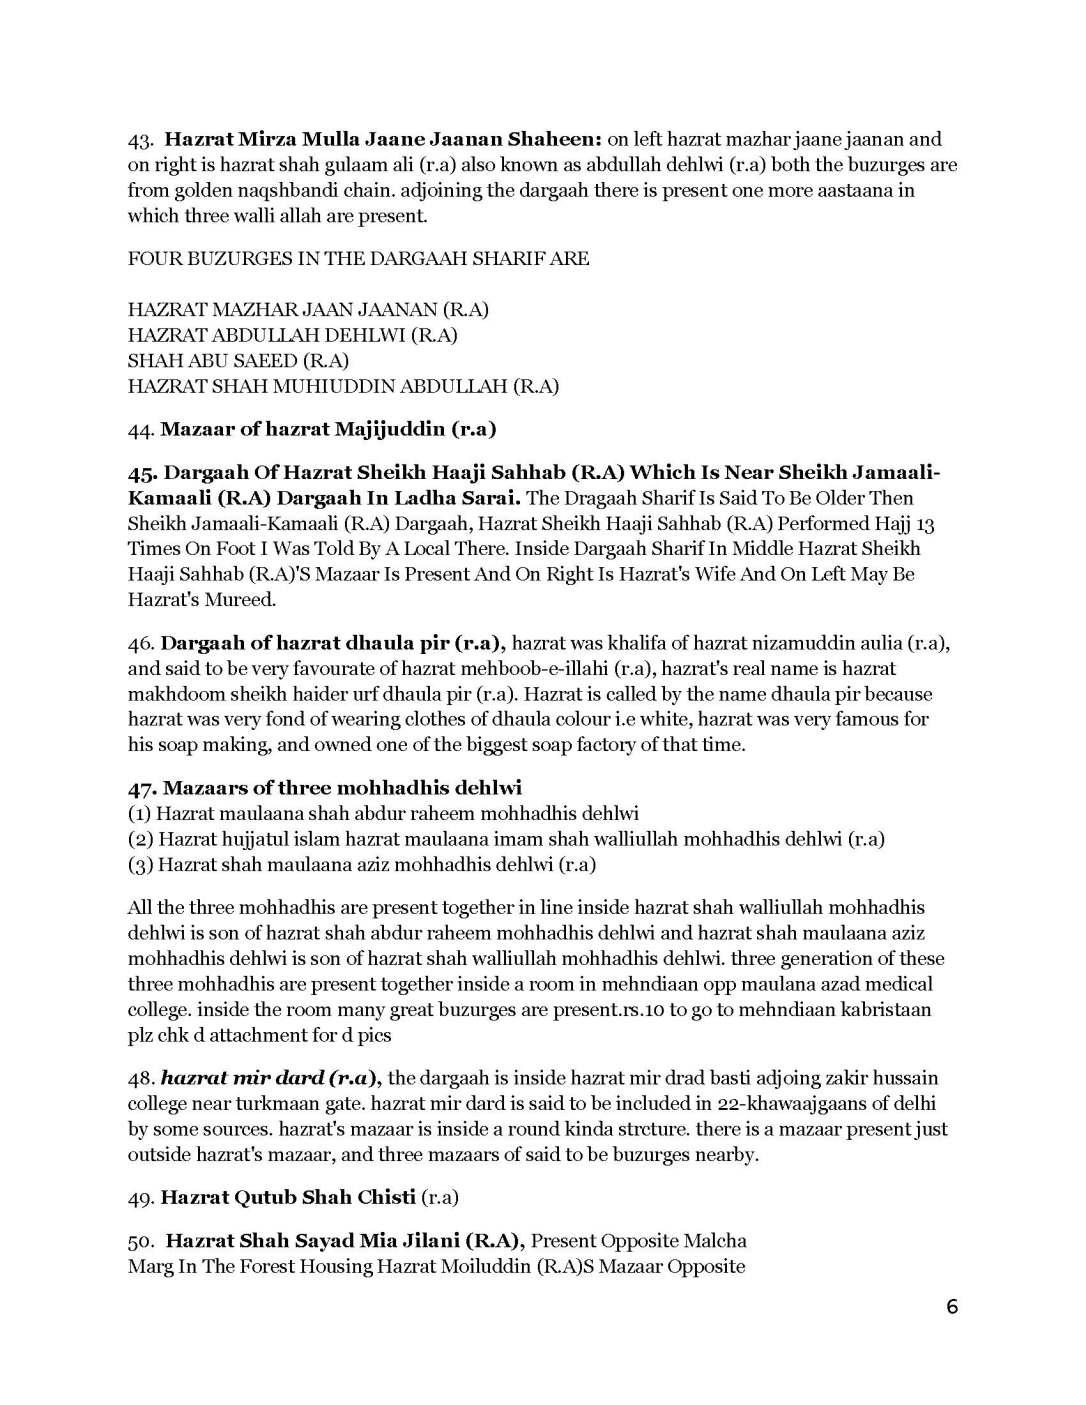 306889533-List-of-Dargahs-in-Delhi_Page_6